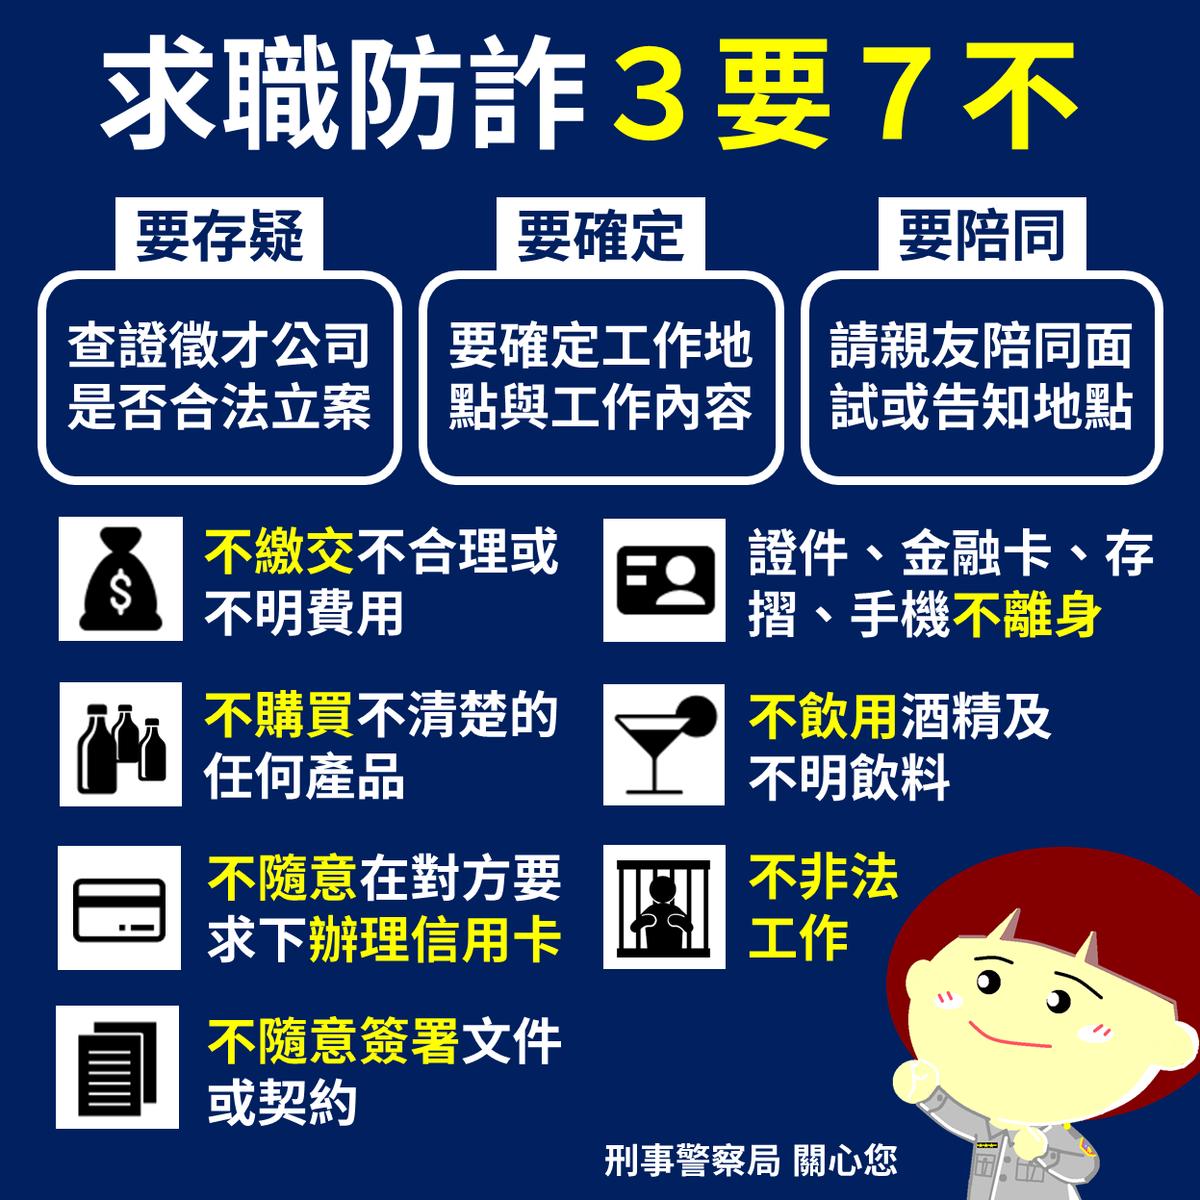 刑事局提出7不3要原則,供年輕人求職參考。(刑事局提供)